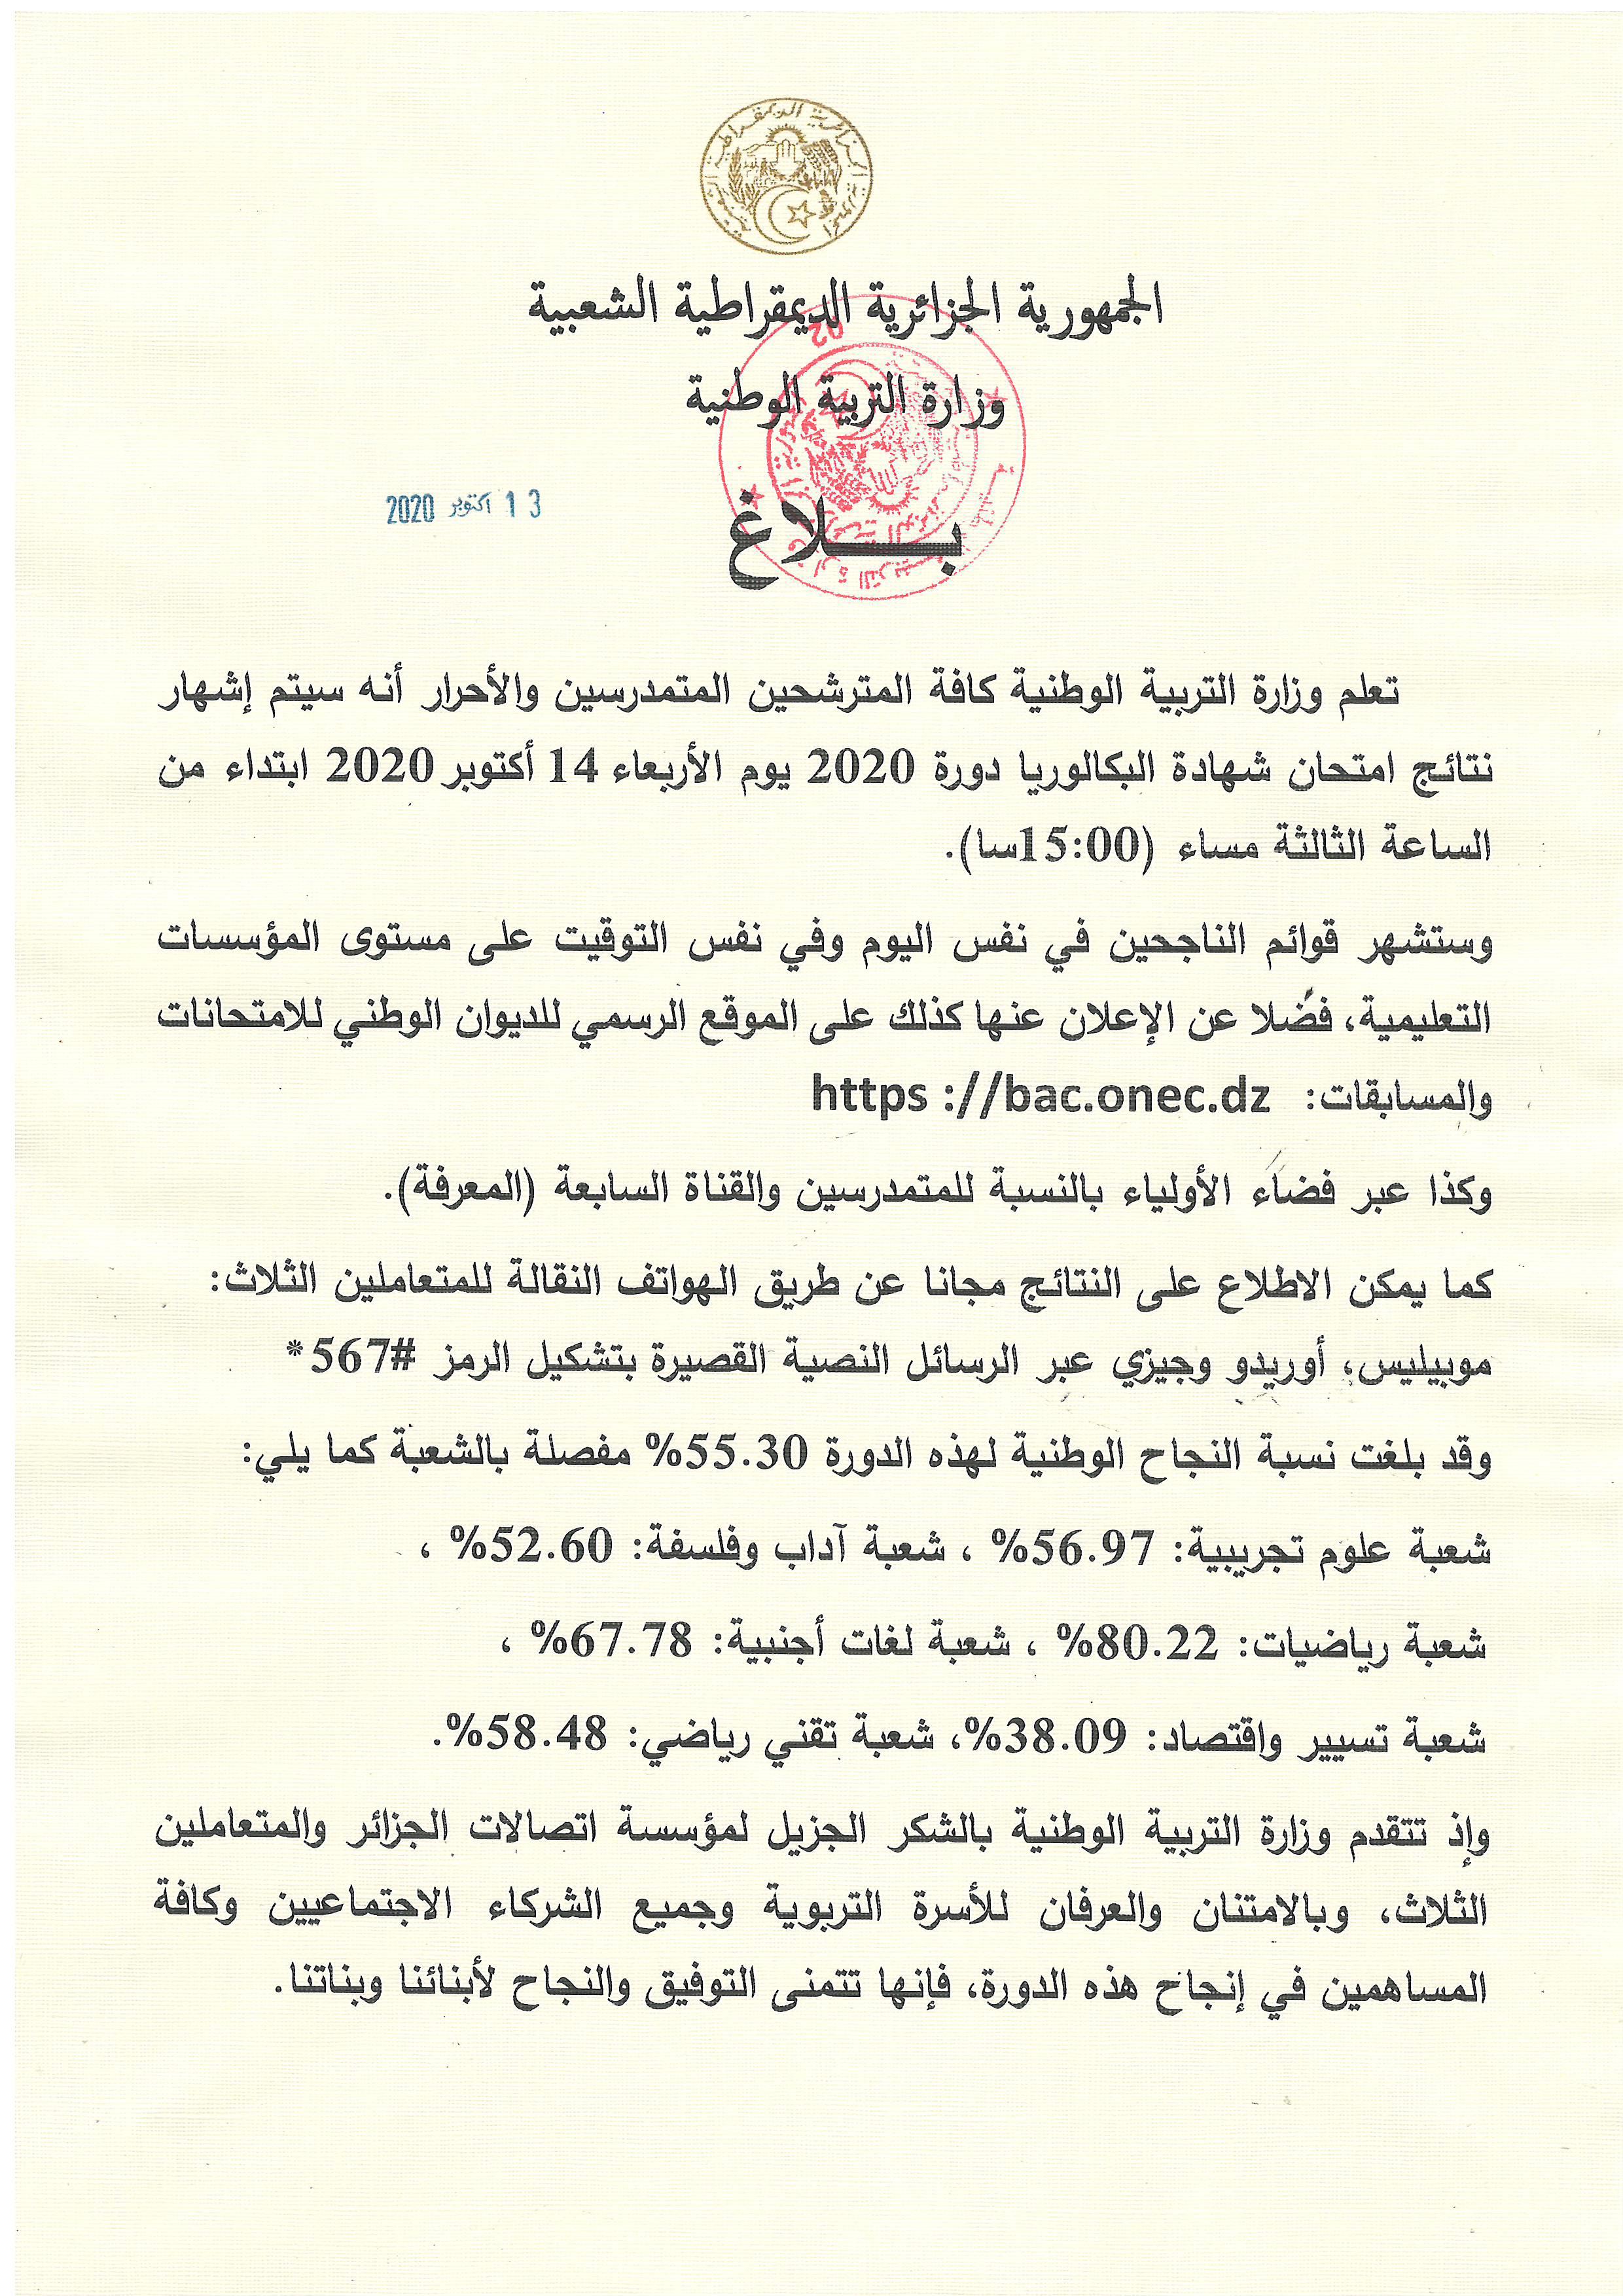 نتائج البكالوريا 2020 في الجزائر